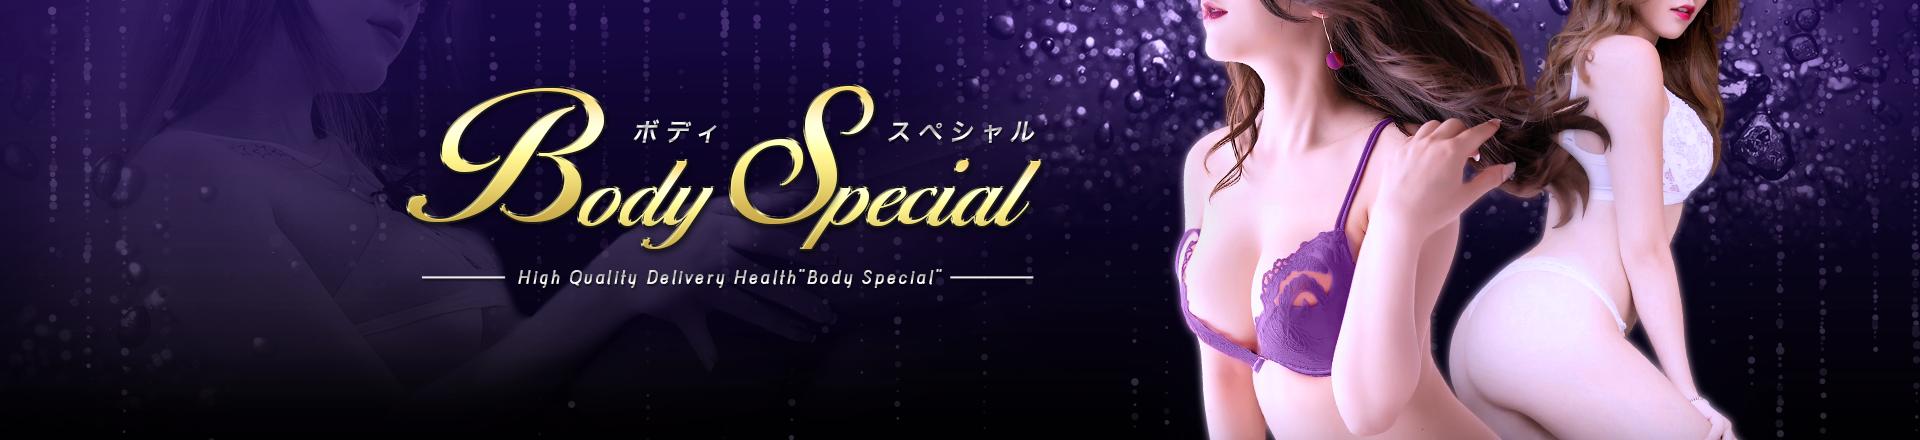 兵庫 加東デリヘル『Body Special~ボディスペシャル~』